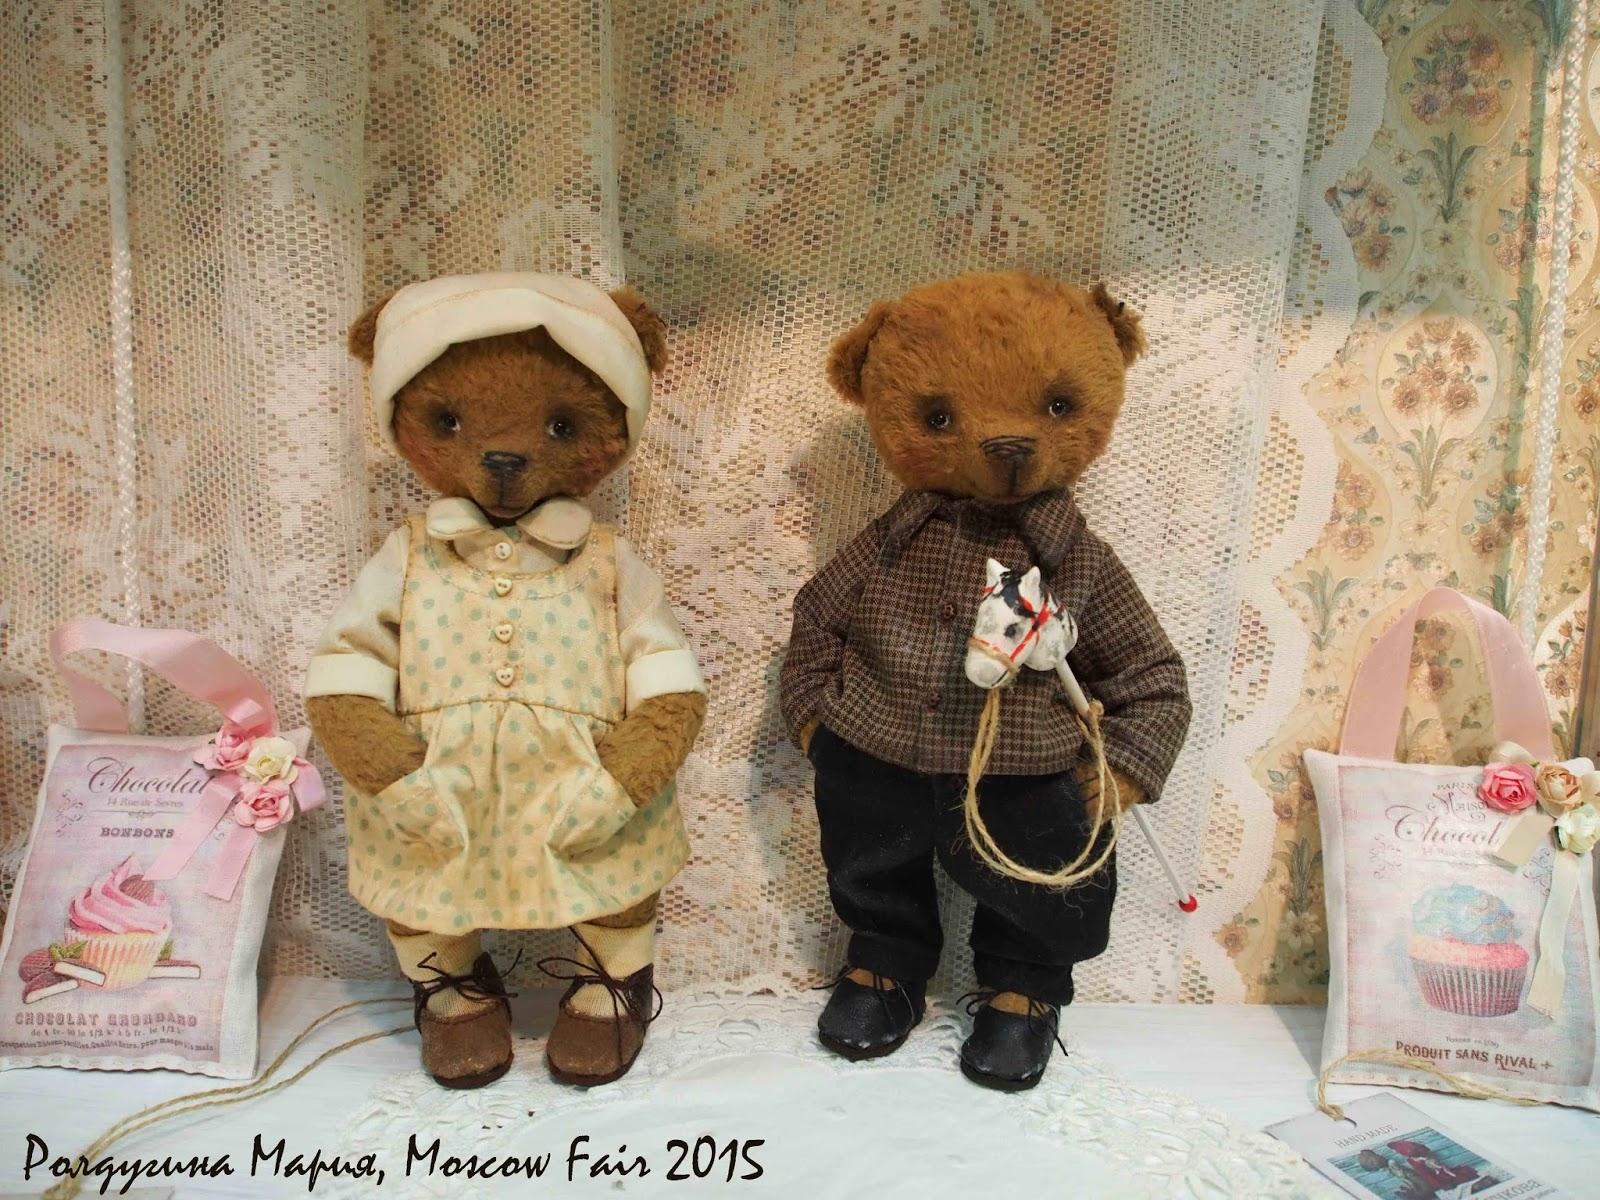 Moscow Fair 2015